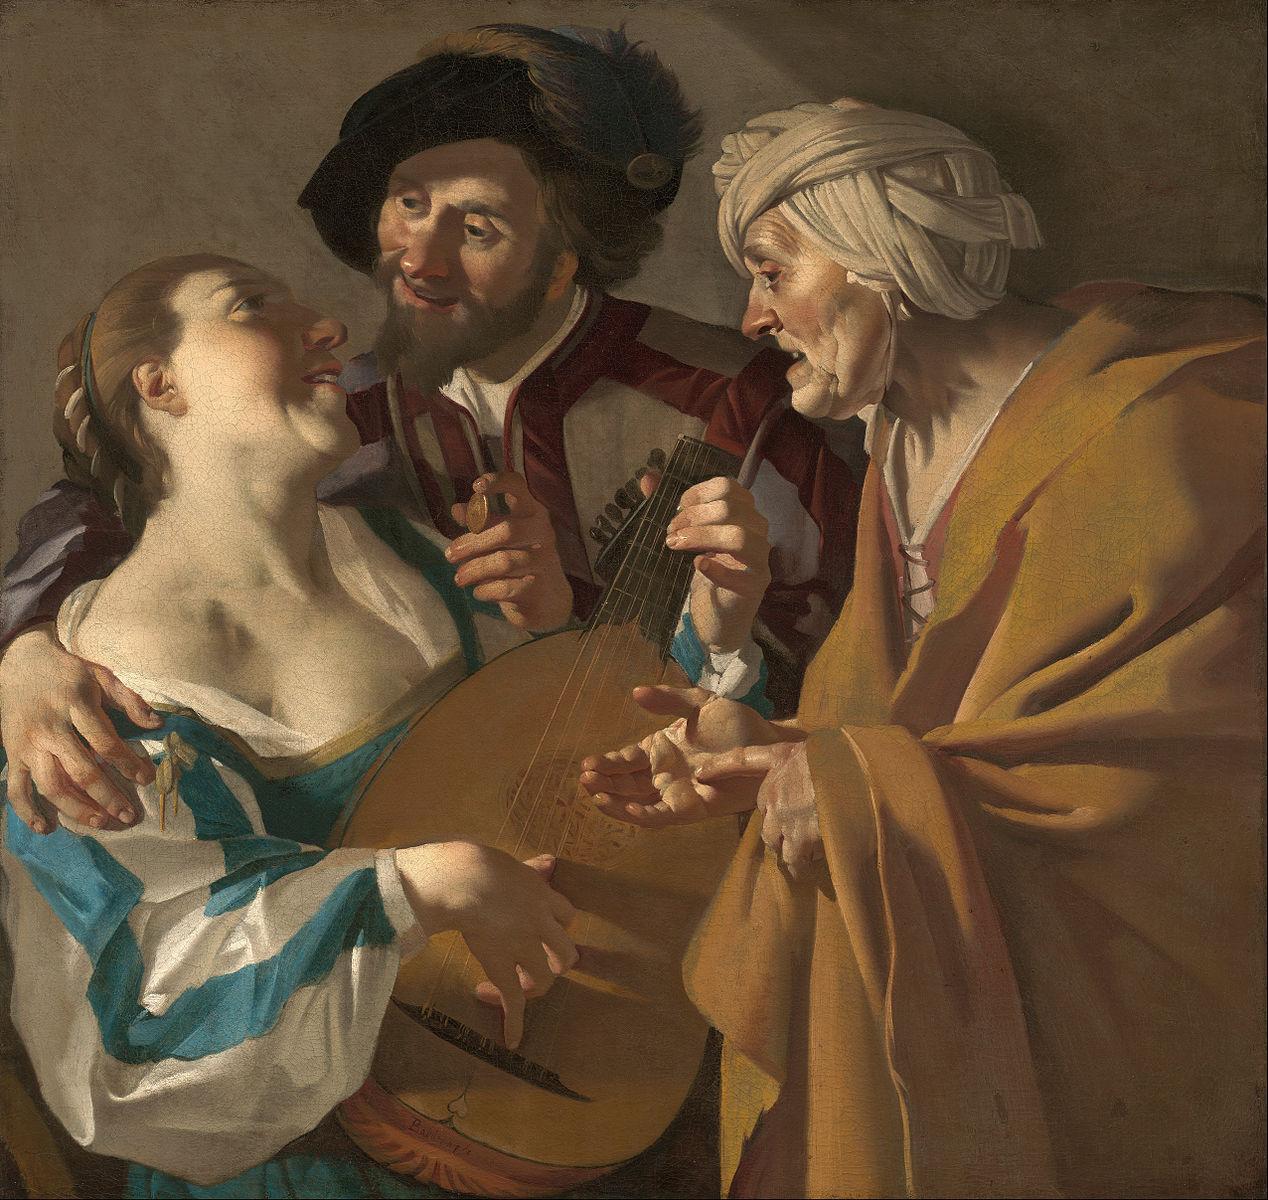 Dirck_van_Baburen 1622 L'entremetteuse ( The Procuress) musee des Beaux-Arts de Boston